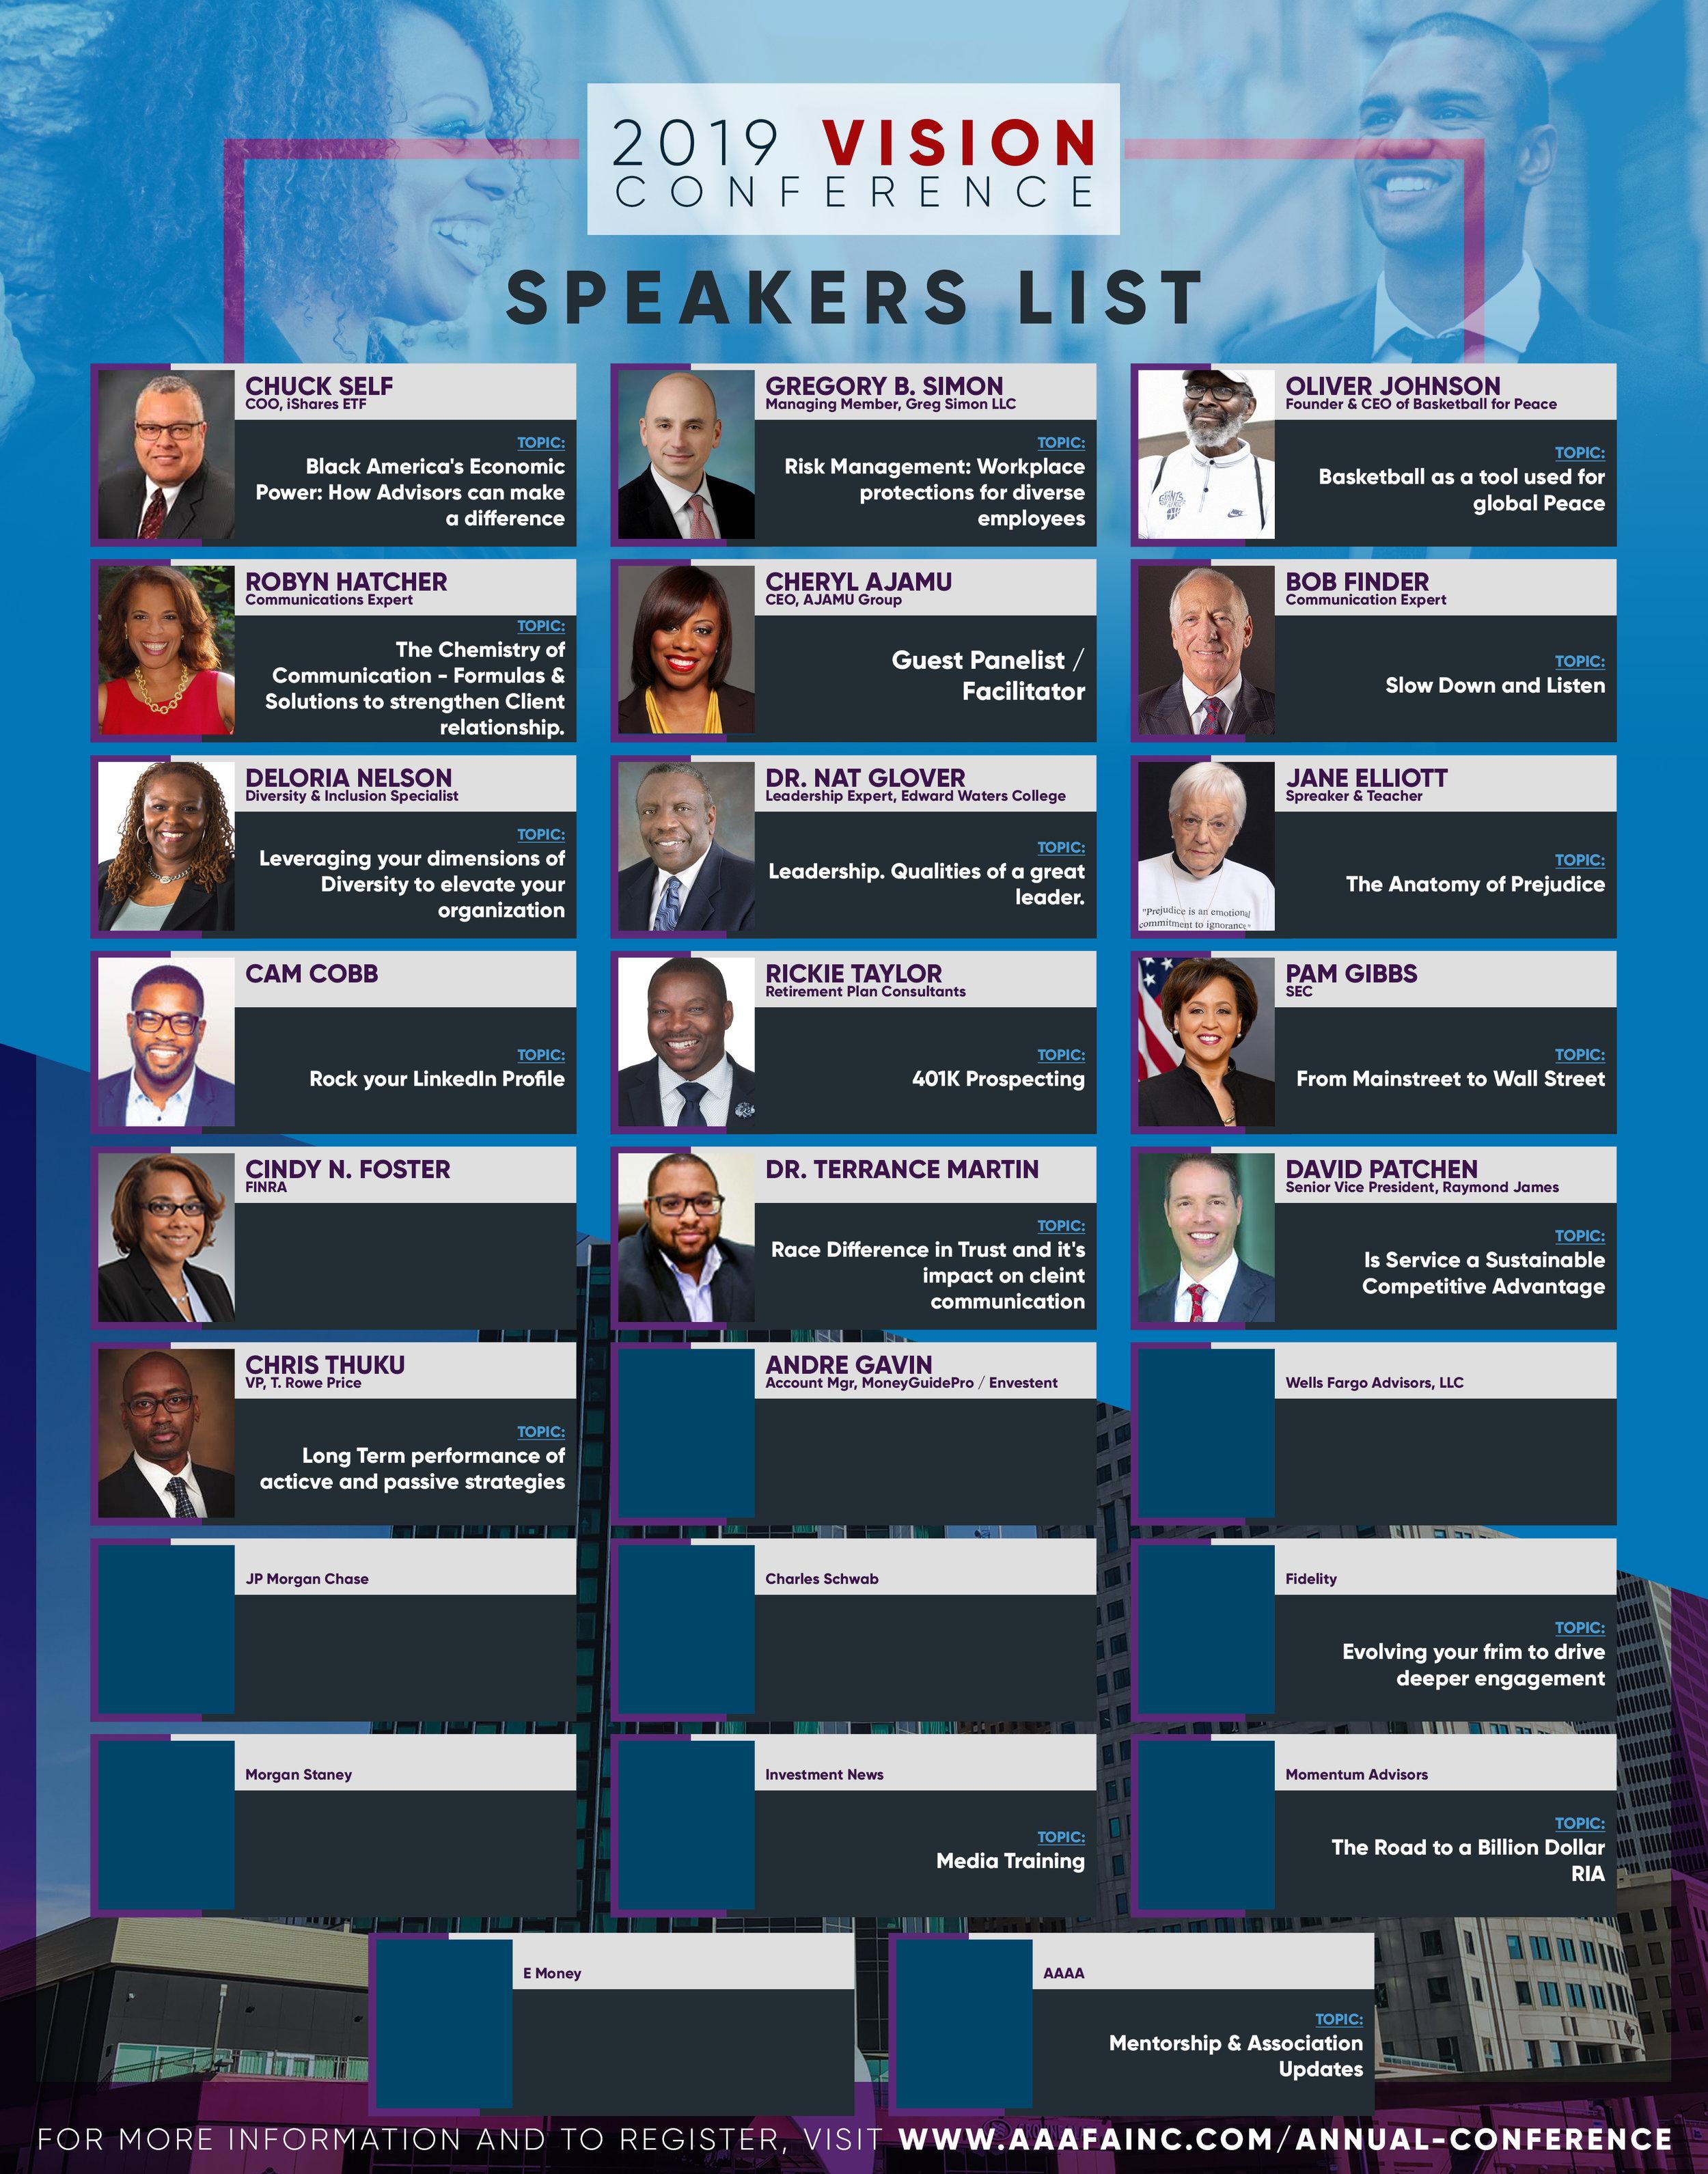 2019 Conference Speakers.jpg